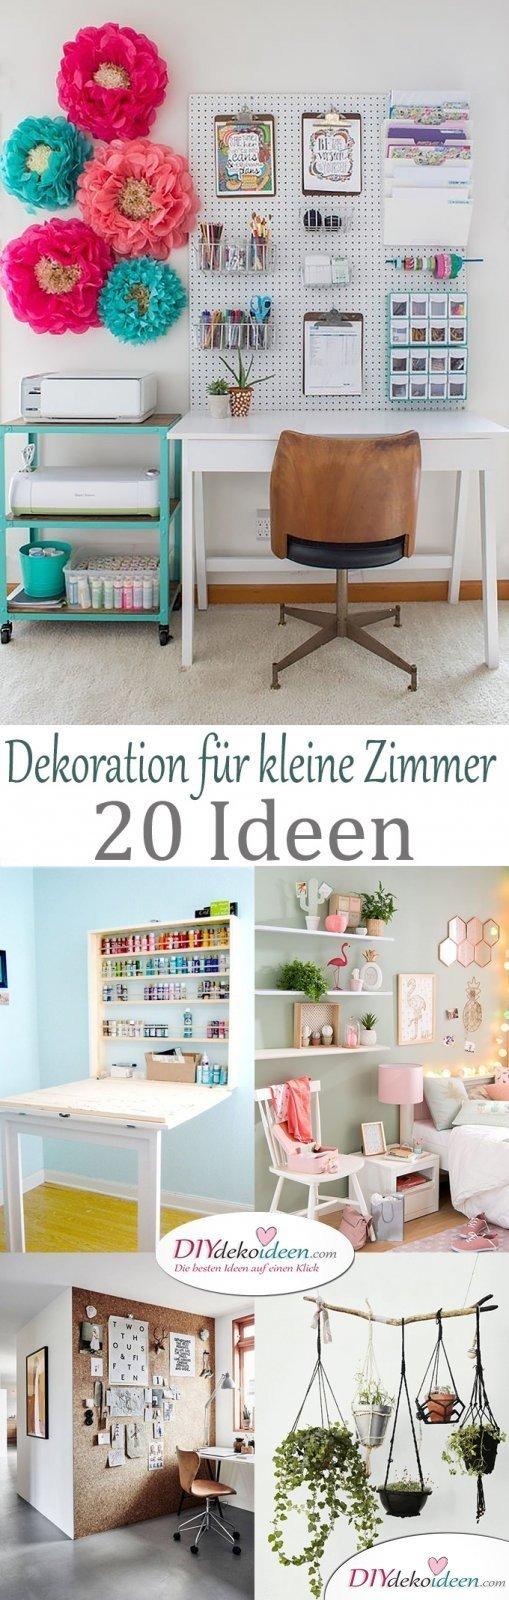 Dekoration für kleine Zimmer - 20 platzsparende Dekoideen